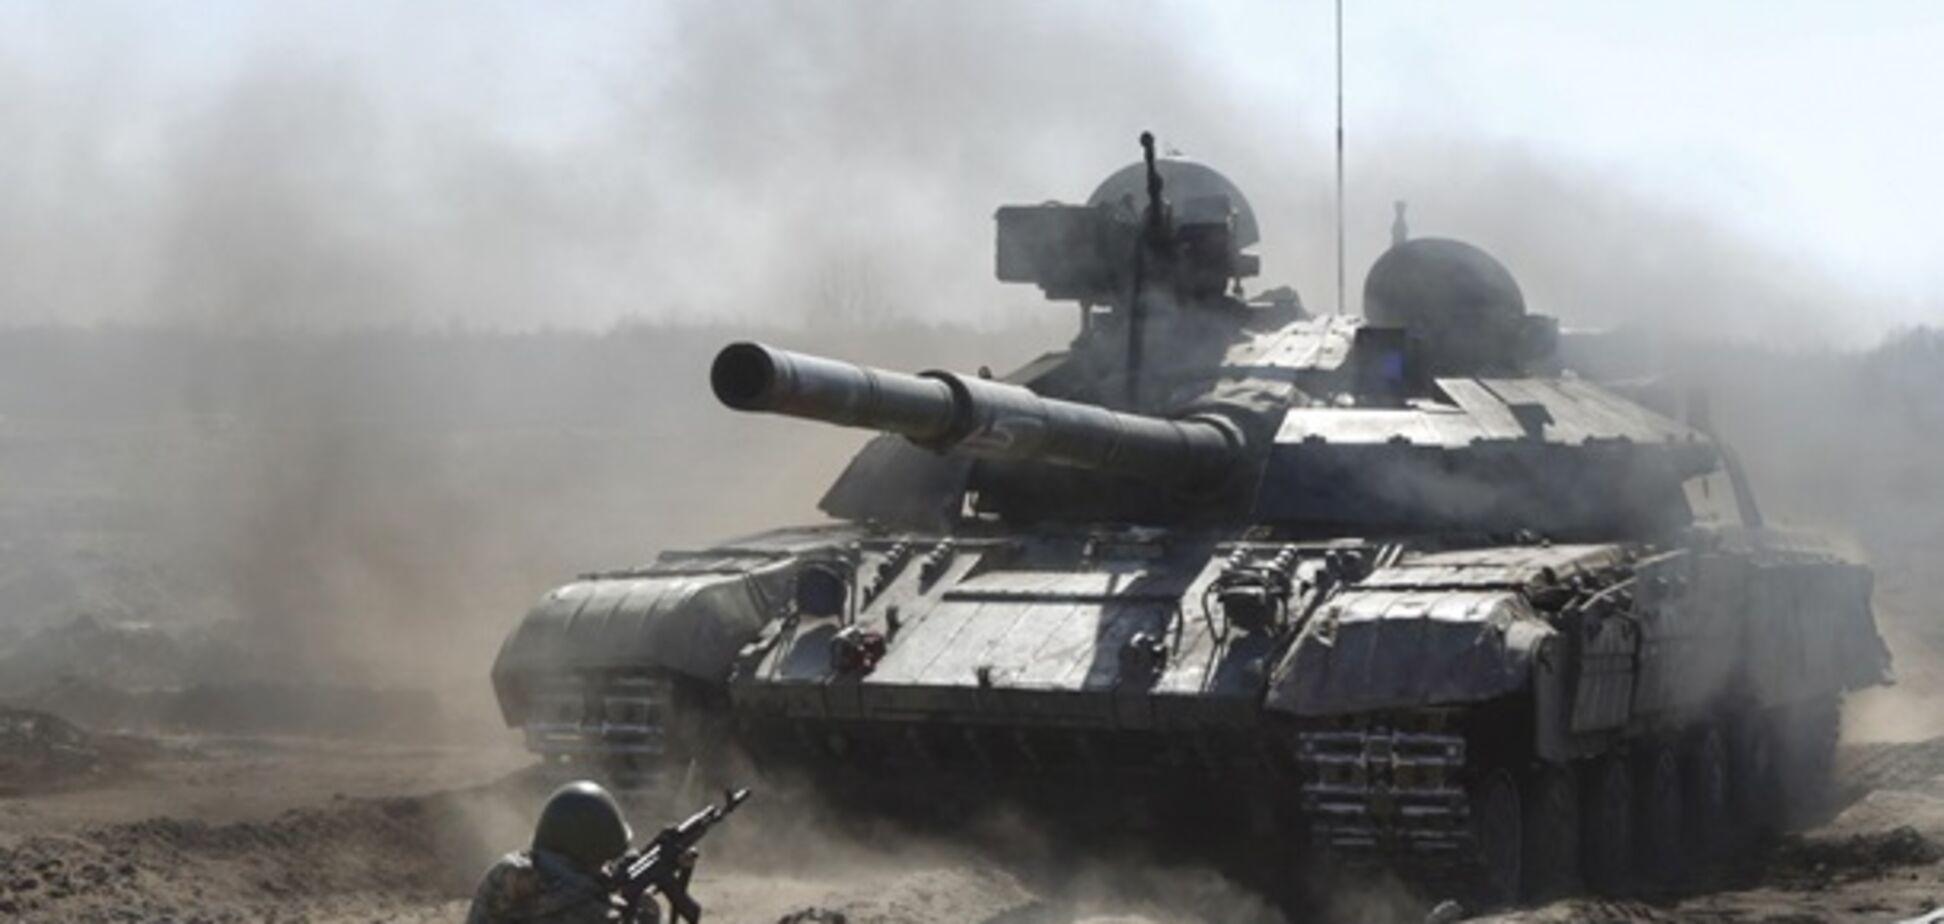 ''Угроза для АЭС'': озвучен трагический сценарий ''большой войны'' Украины с РФ